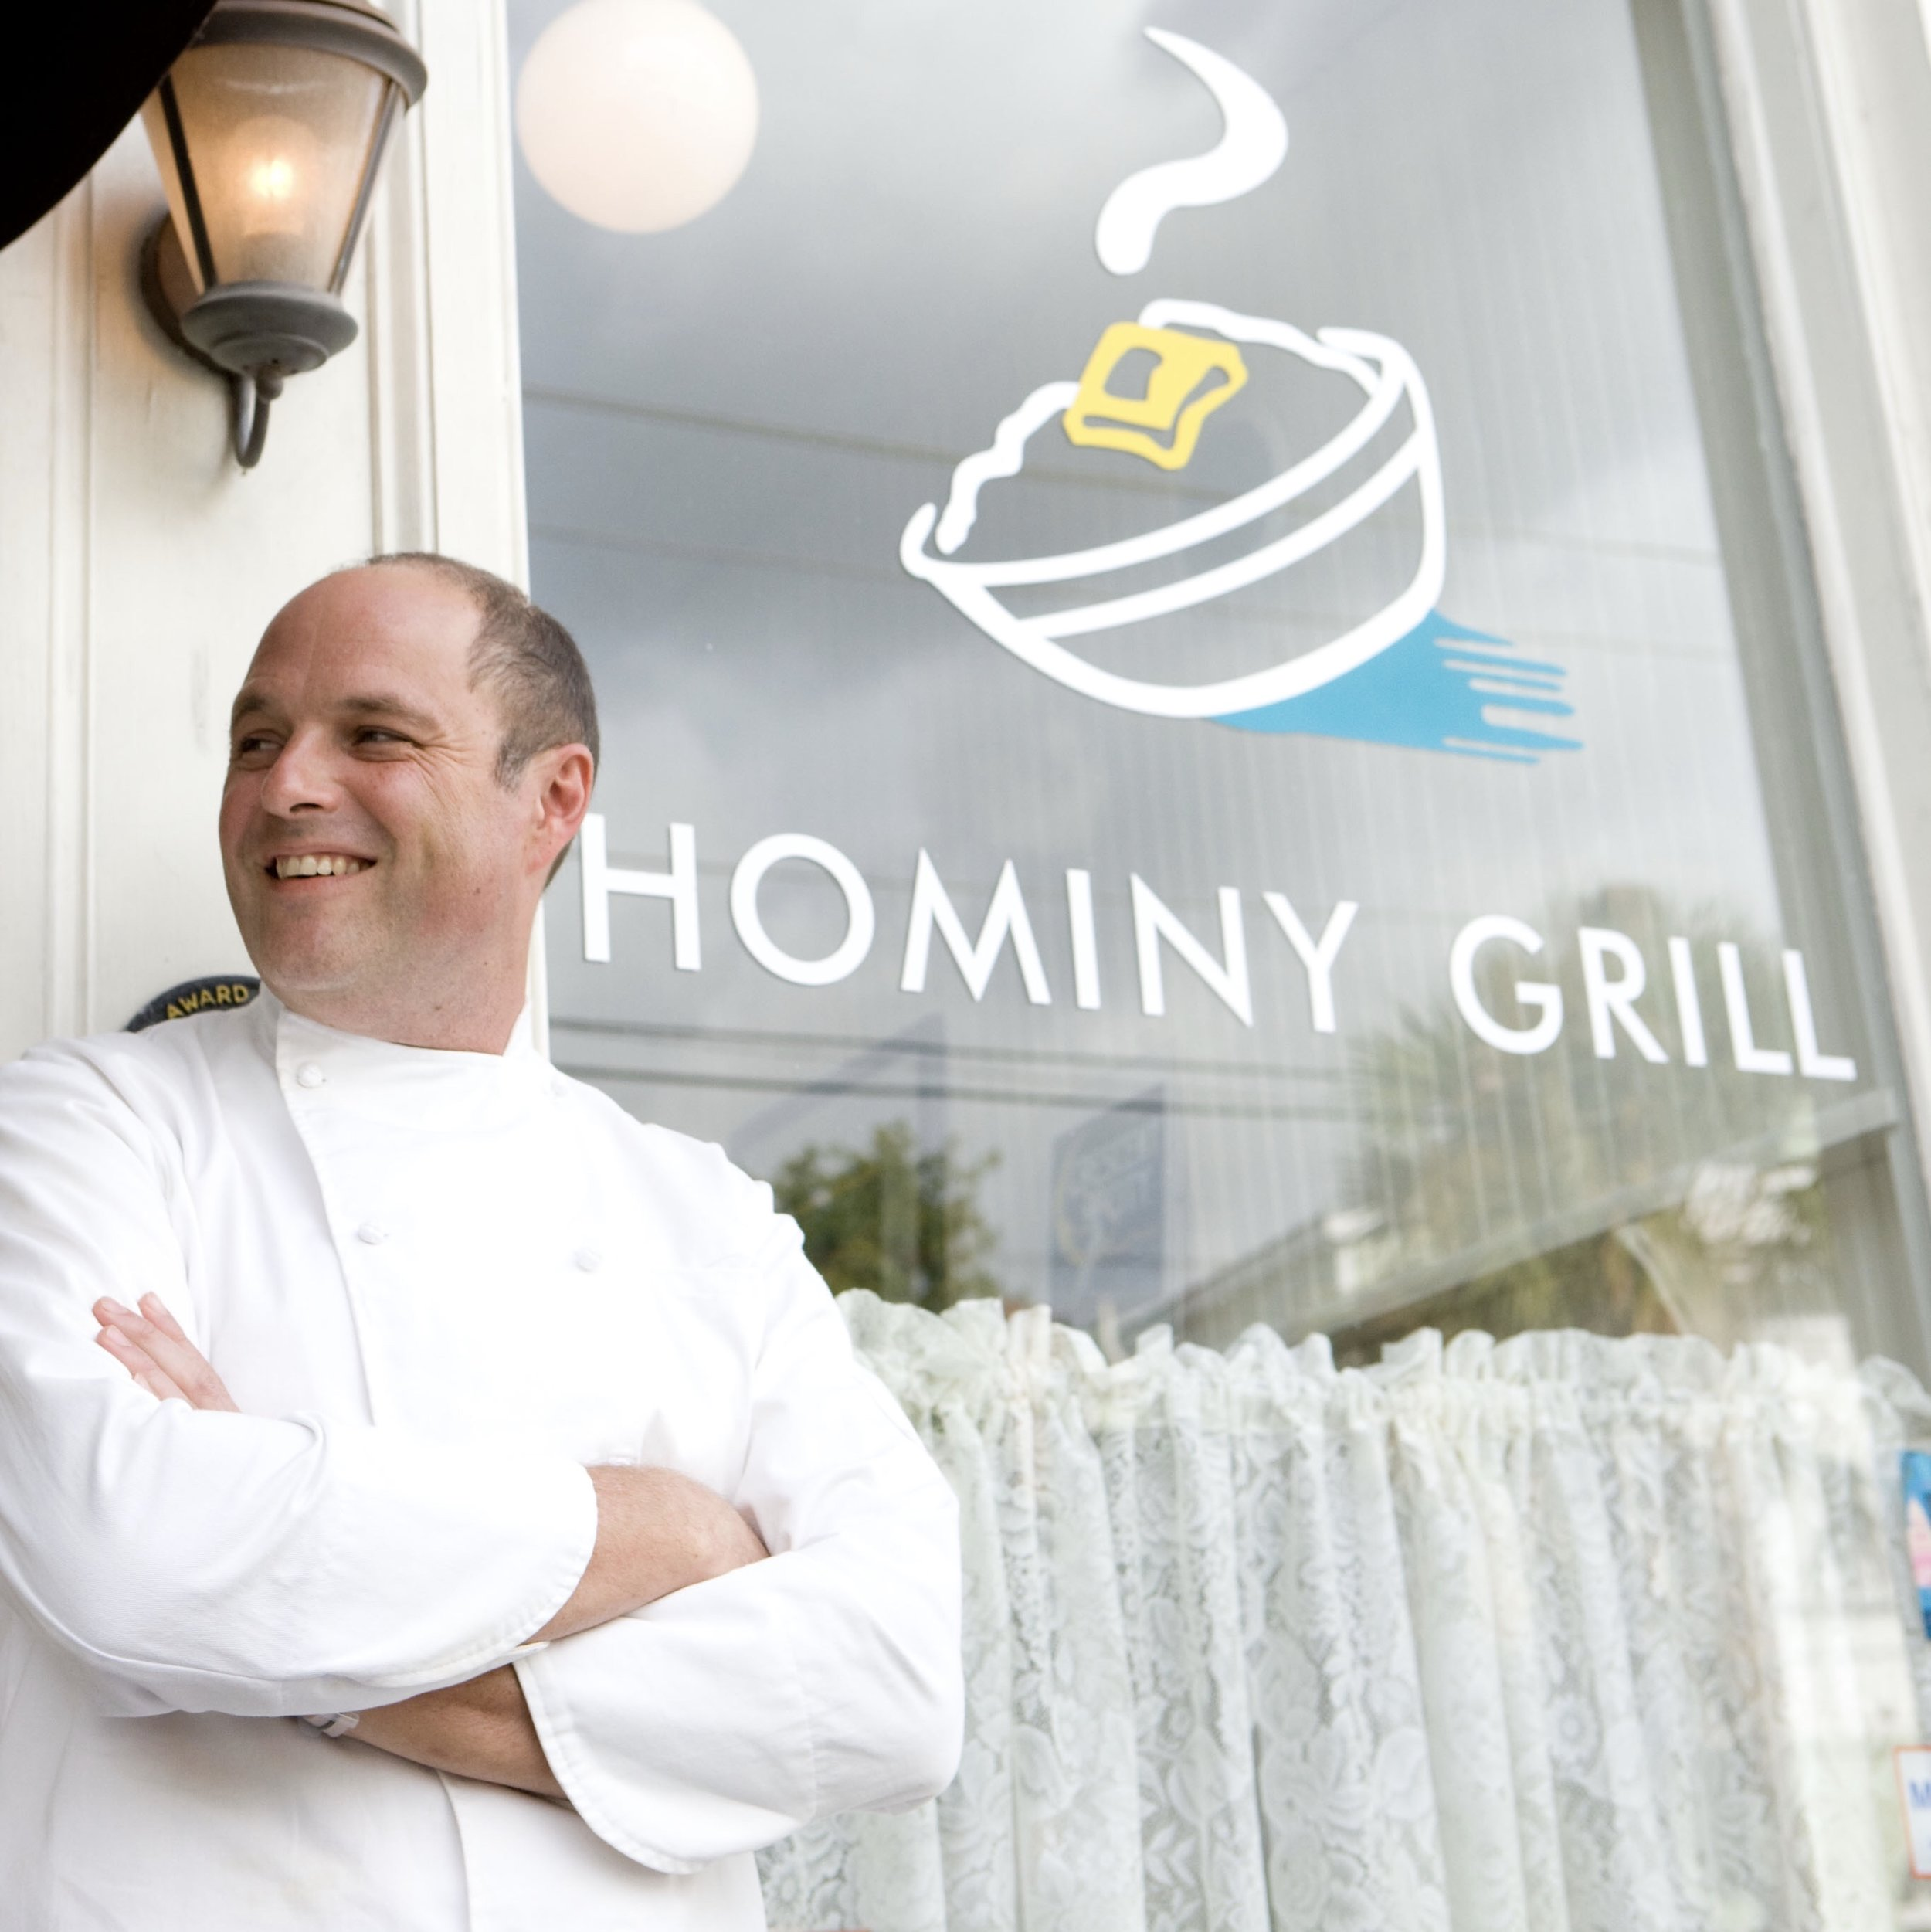 photos: hominy grill